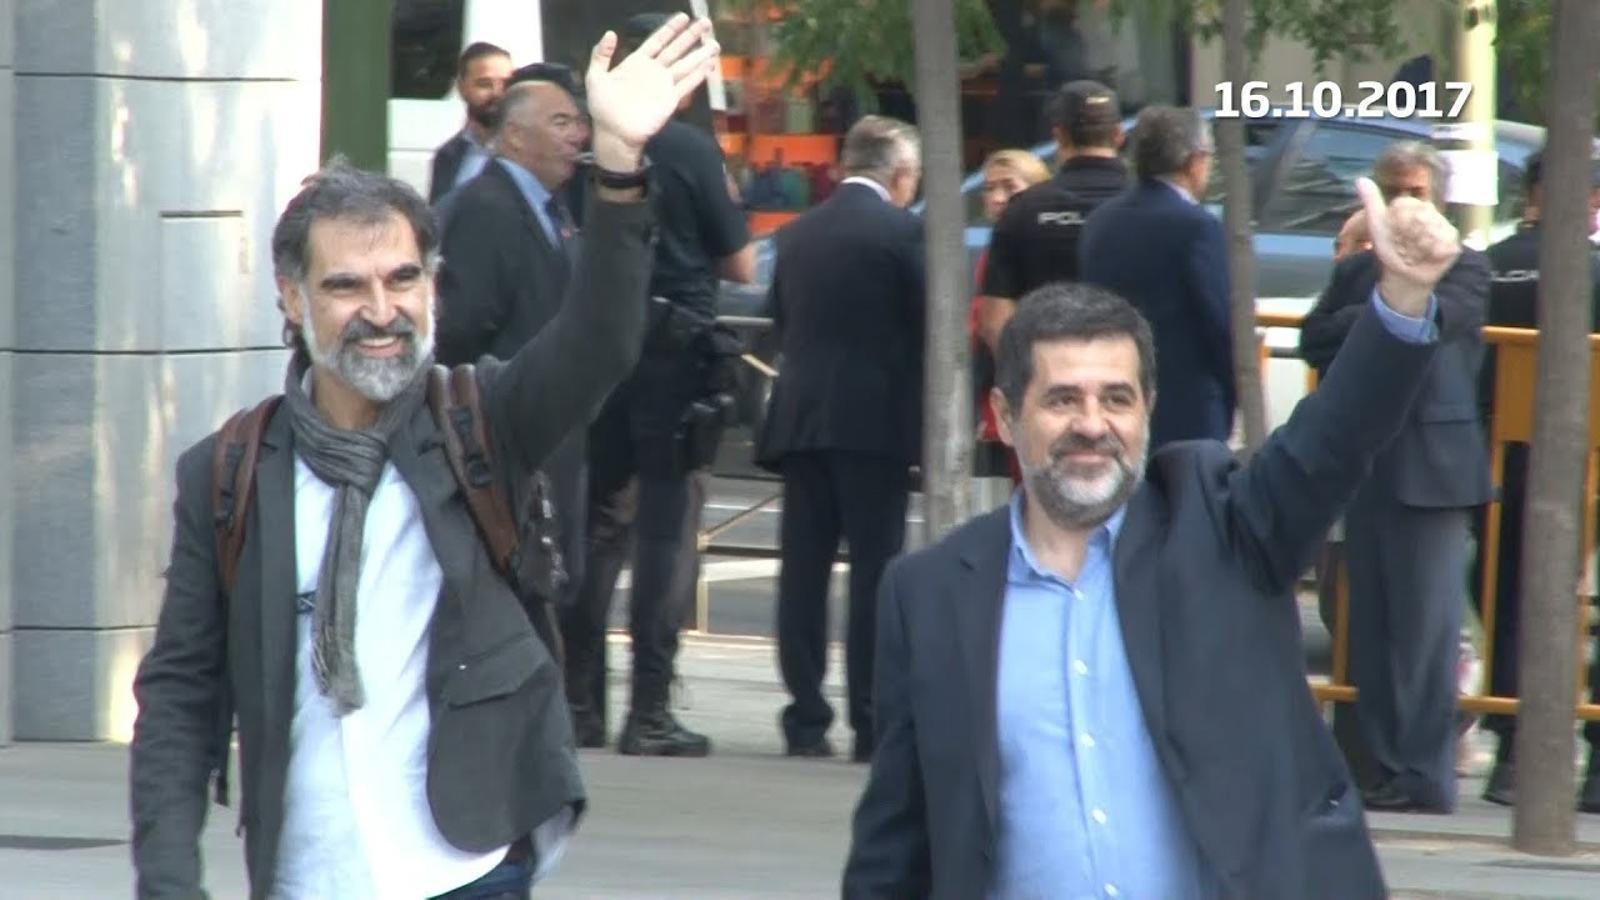 Els Jordis declaren a l'Audiència Nacional i ingressen a la presó de Soto del Real